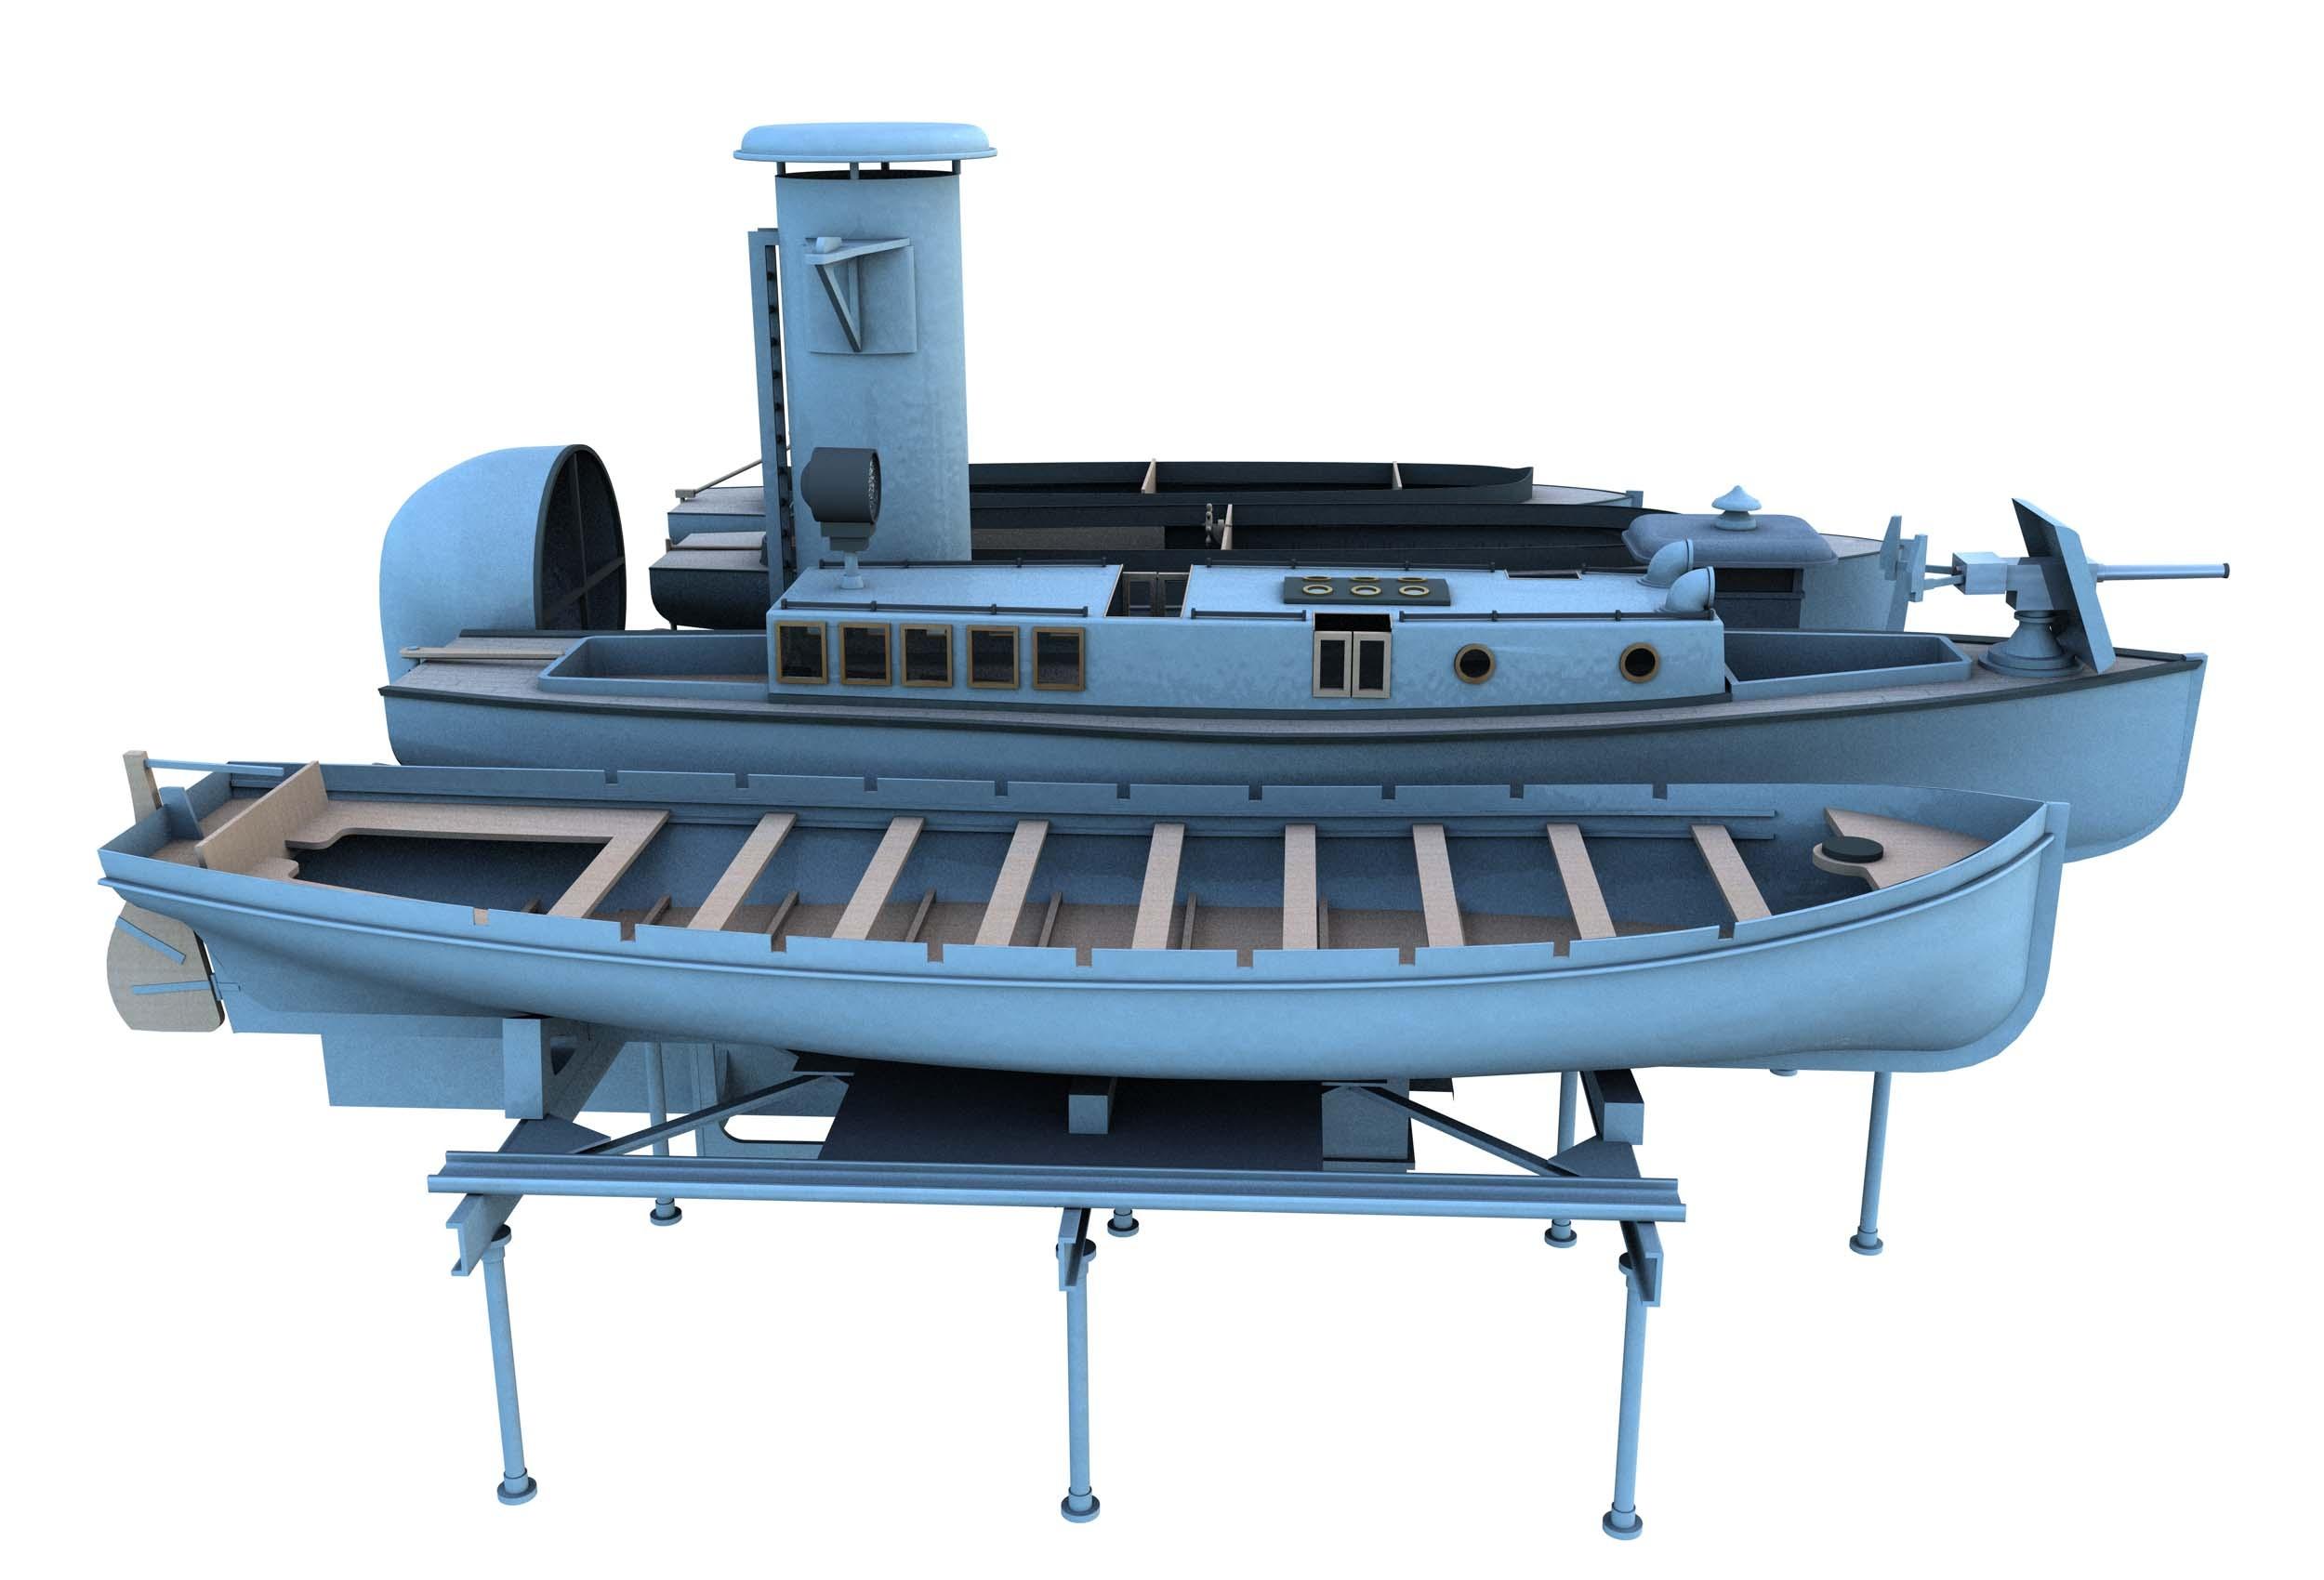 https://0901.nccdn.net/4_2/000/000/017/e75/CK61-Individual-Aft-Boat-Platform-2500x1700.jpg